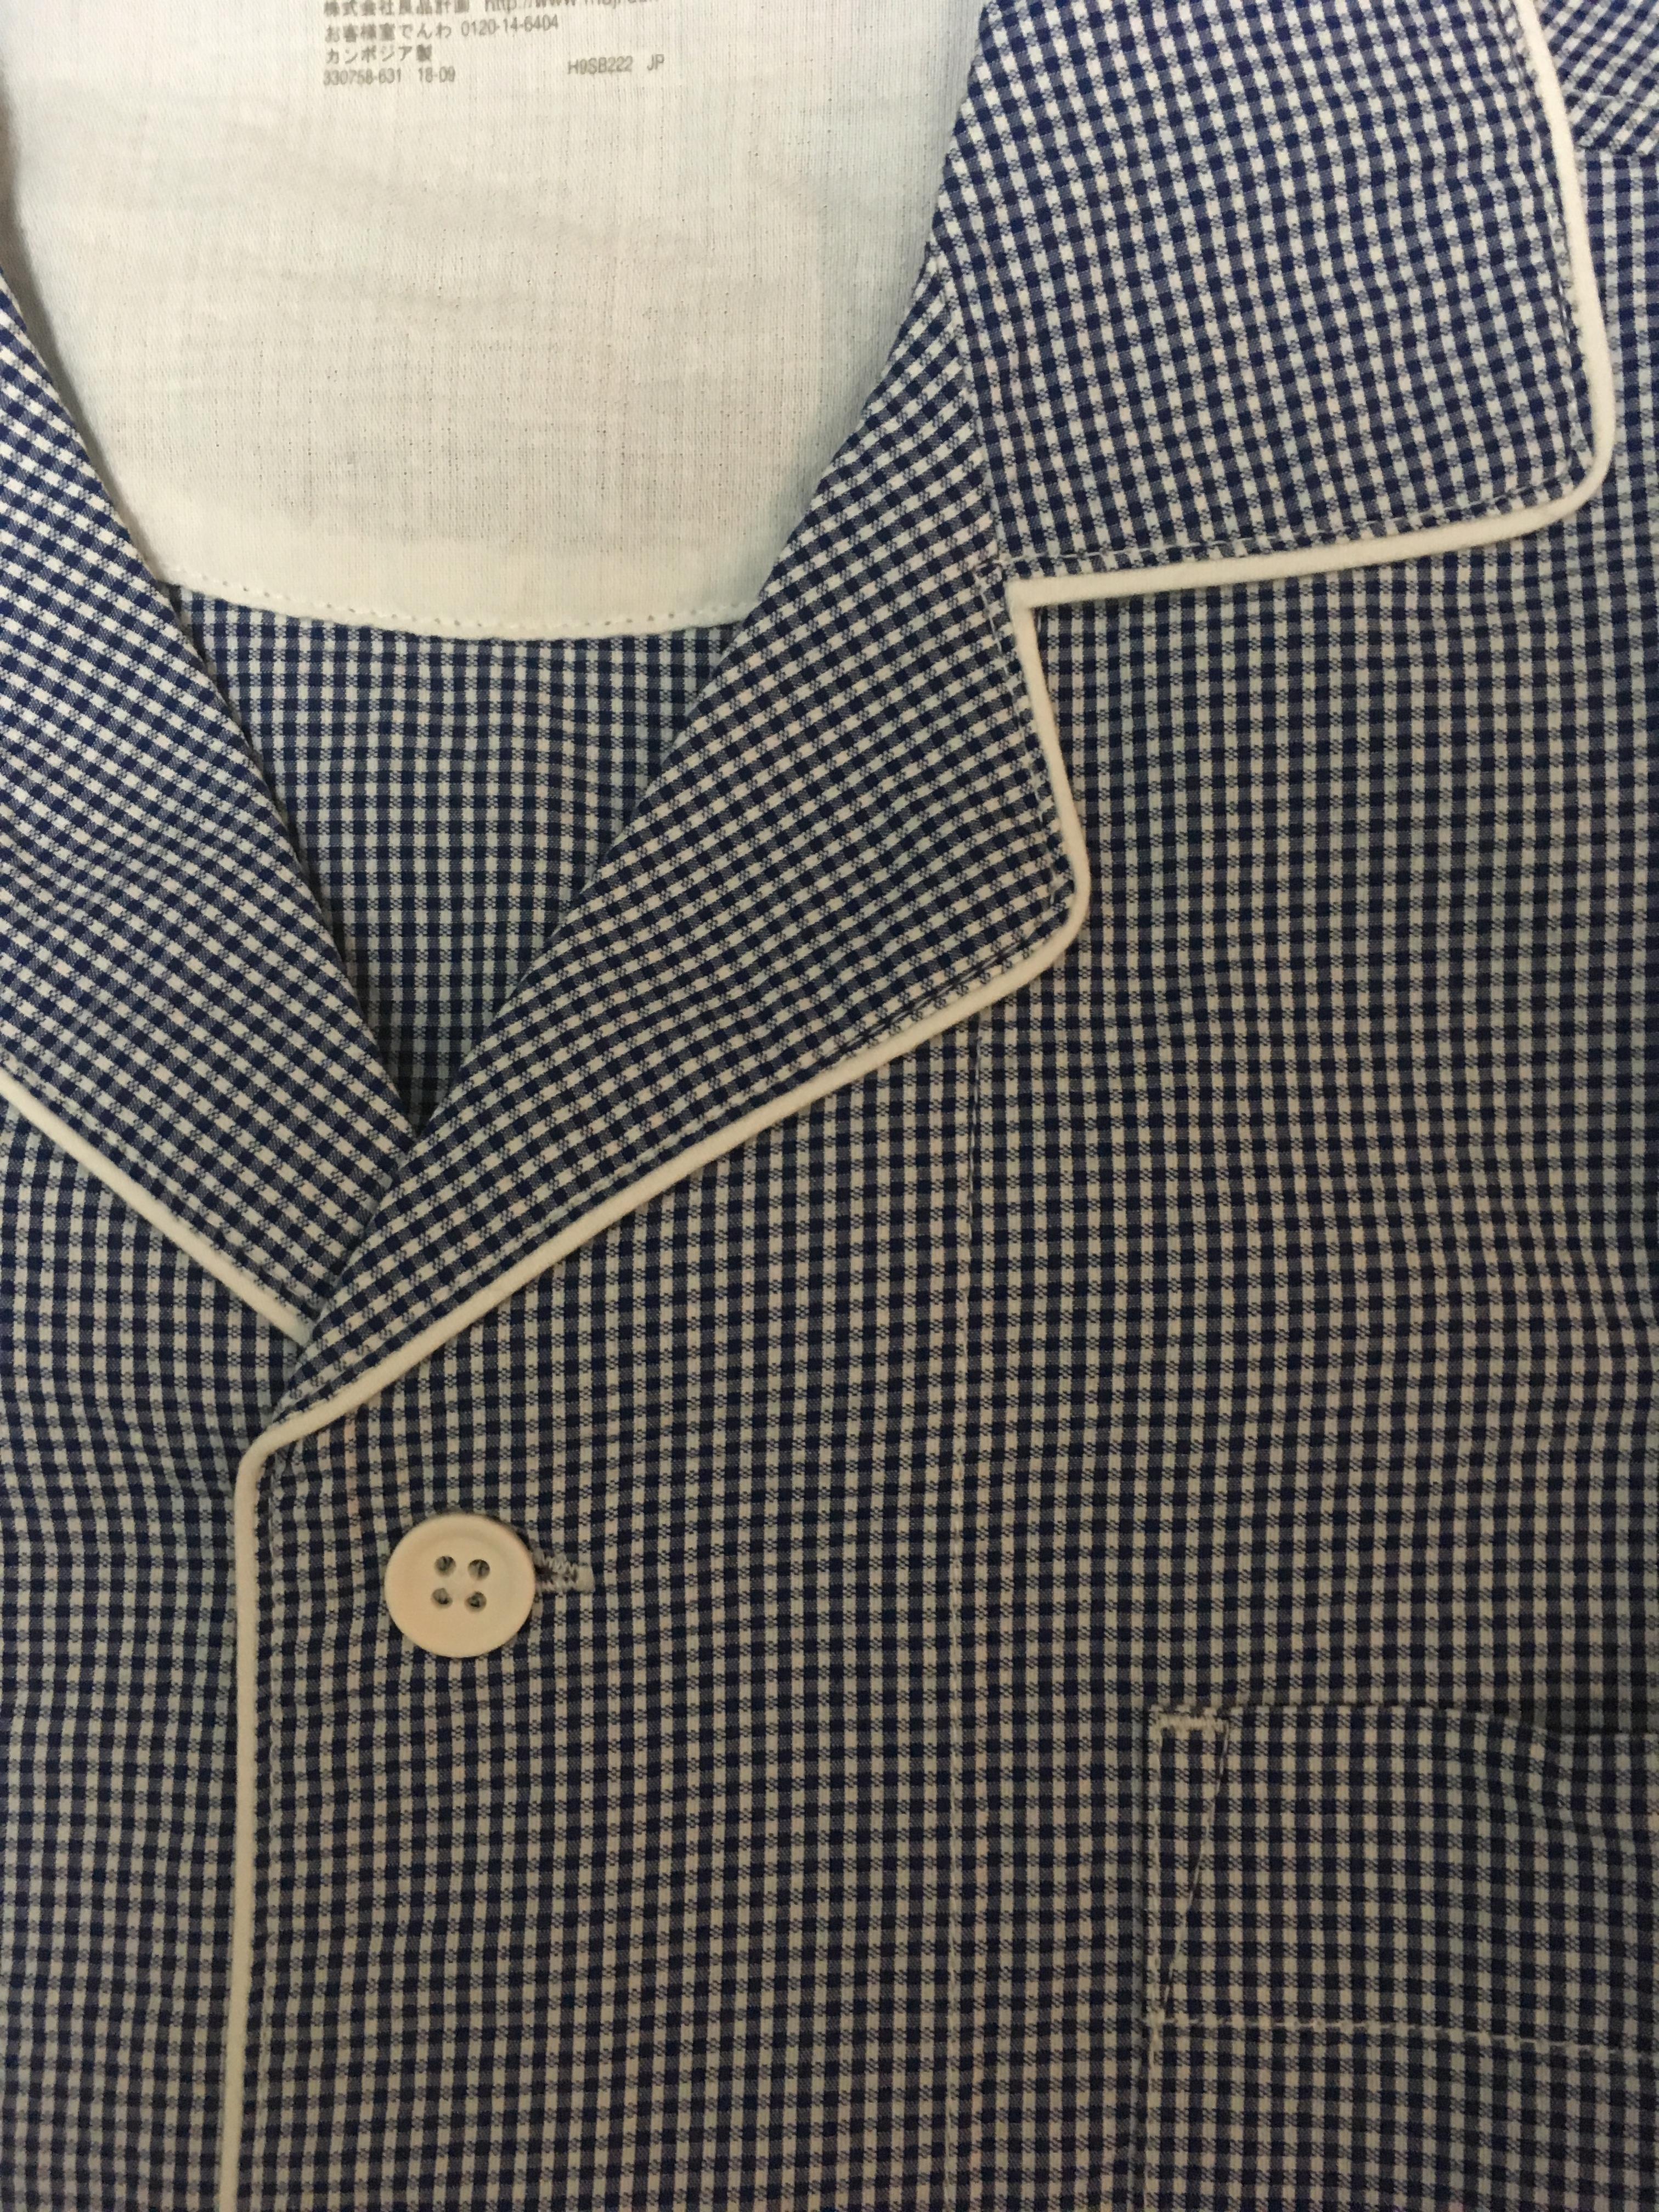 無印良品のサッカー織り半袖パジャマの素材のアップ